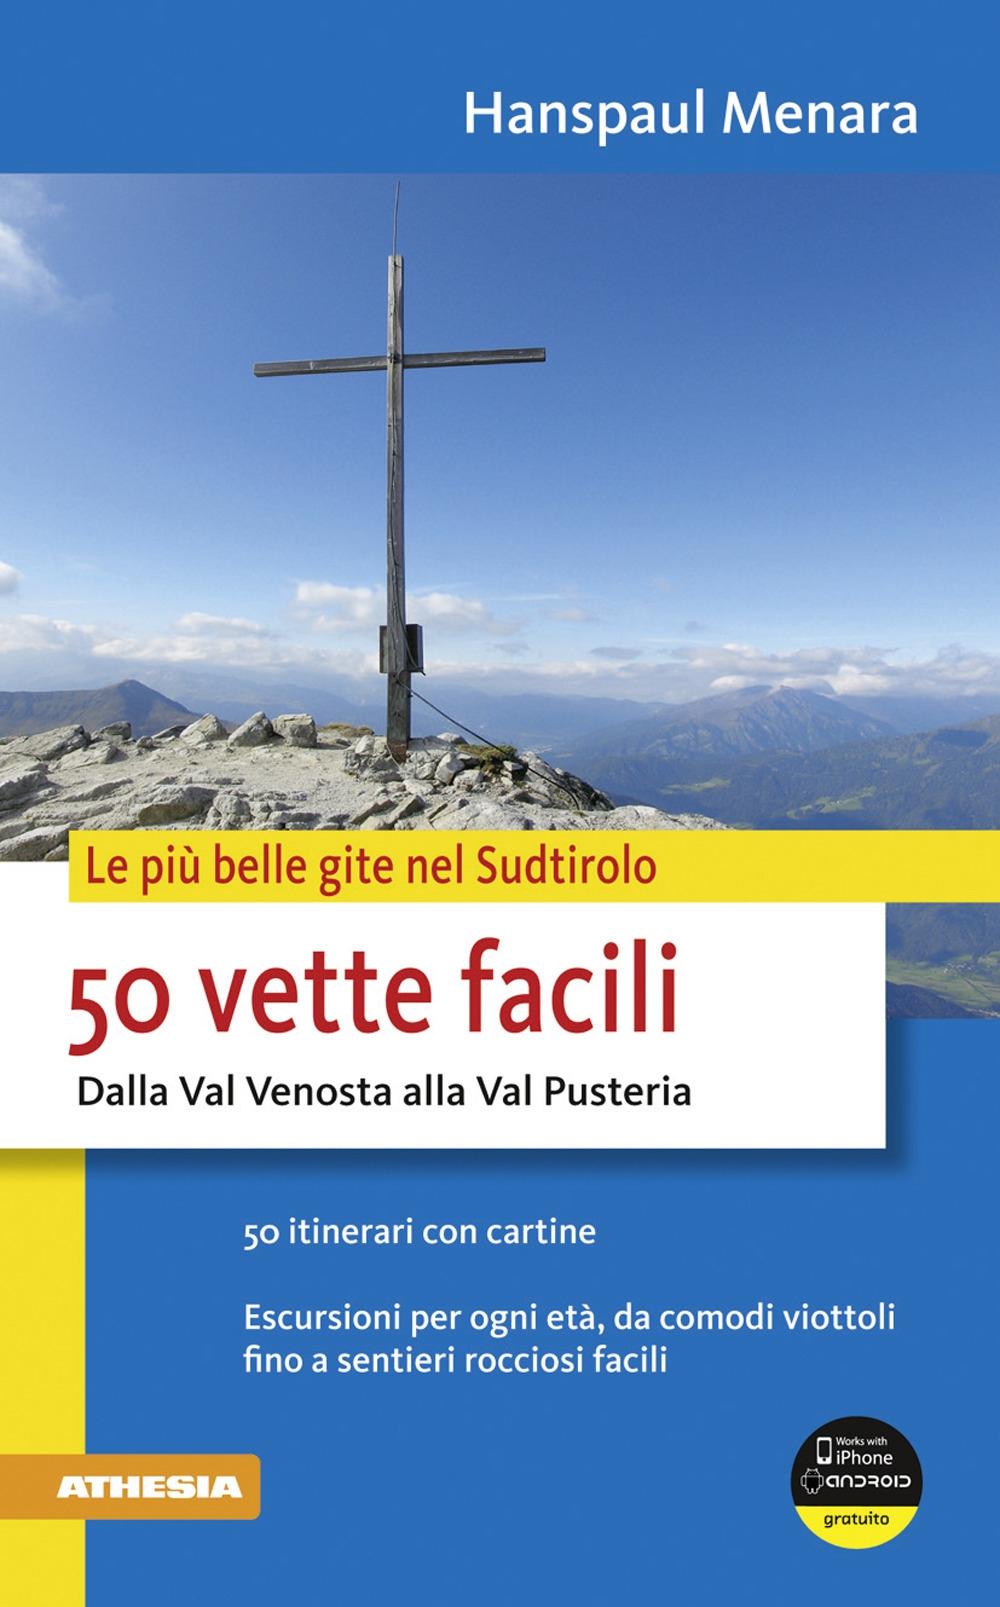 50 vette facili dalla Val Venosta alla Val Pusteria.